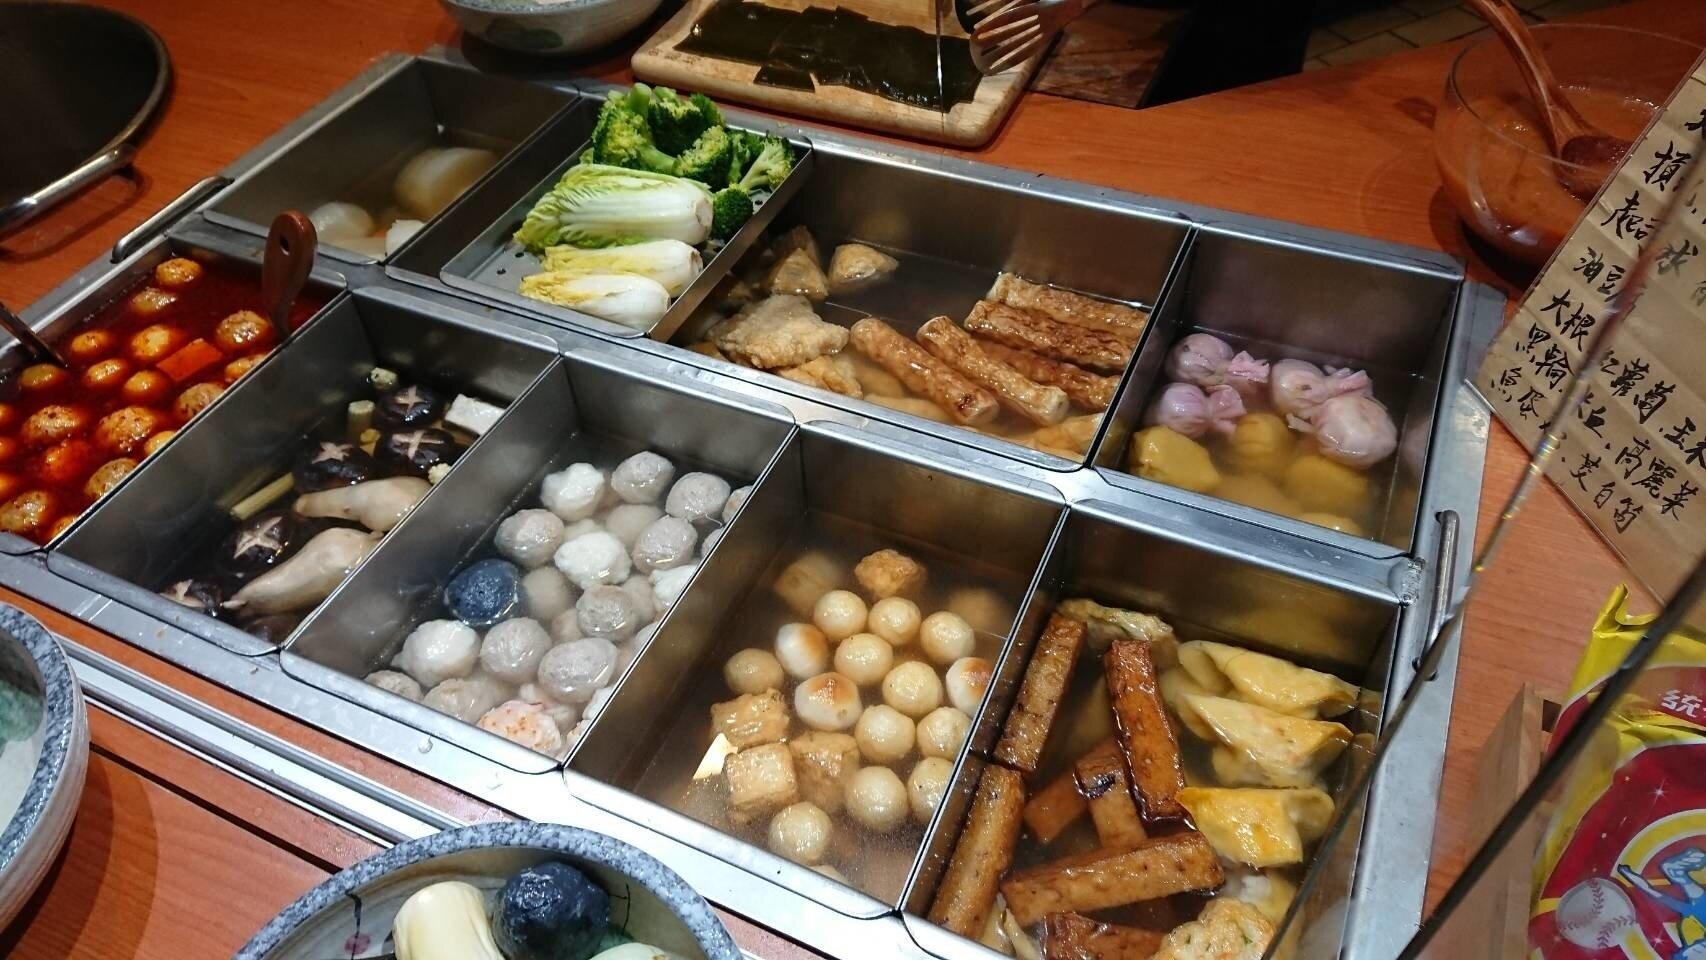 【花蓮市區】一所懸命小料理–下班疲憊時的好夥伴~超美味關東煮